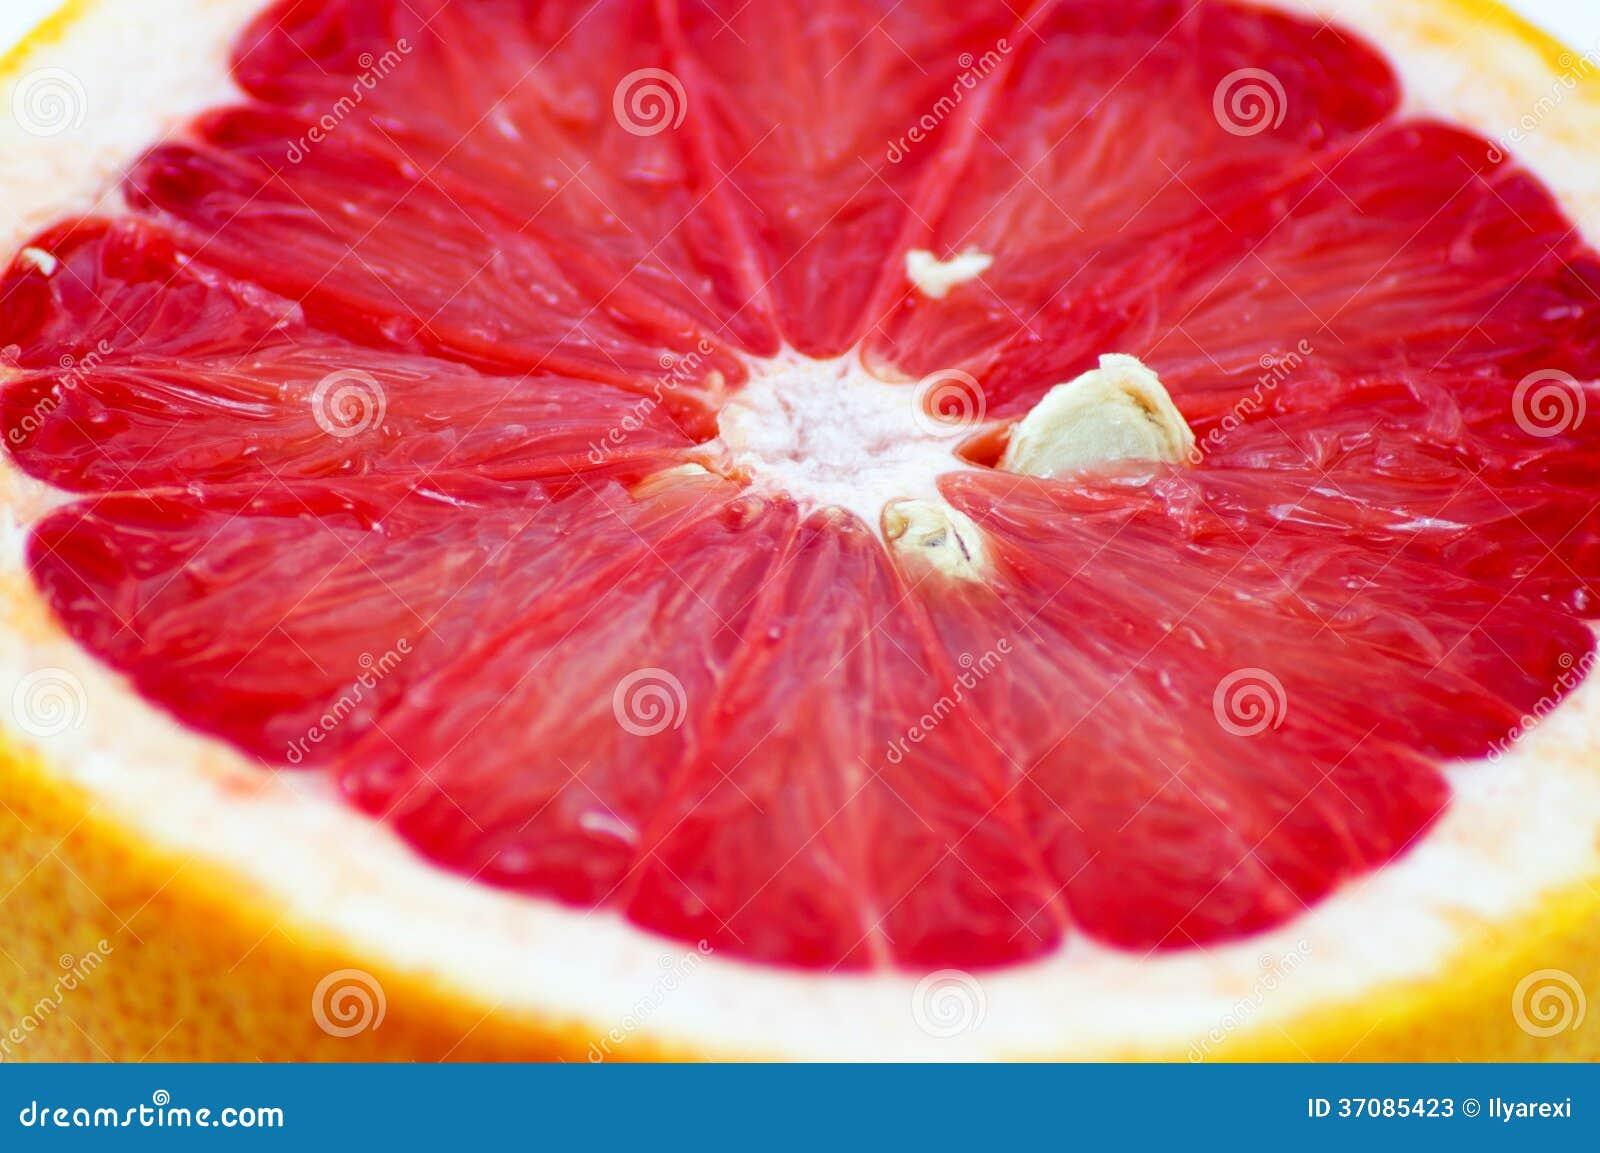 Download Grapefruitowy plasterek obraz stock. Obraz złożonej z desery - 37085423